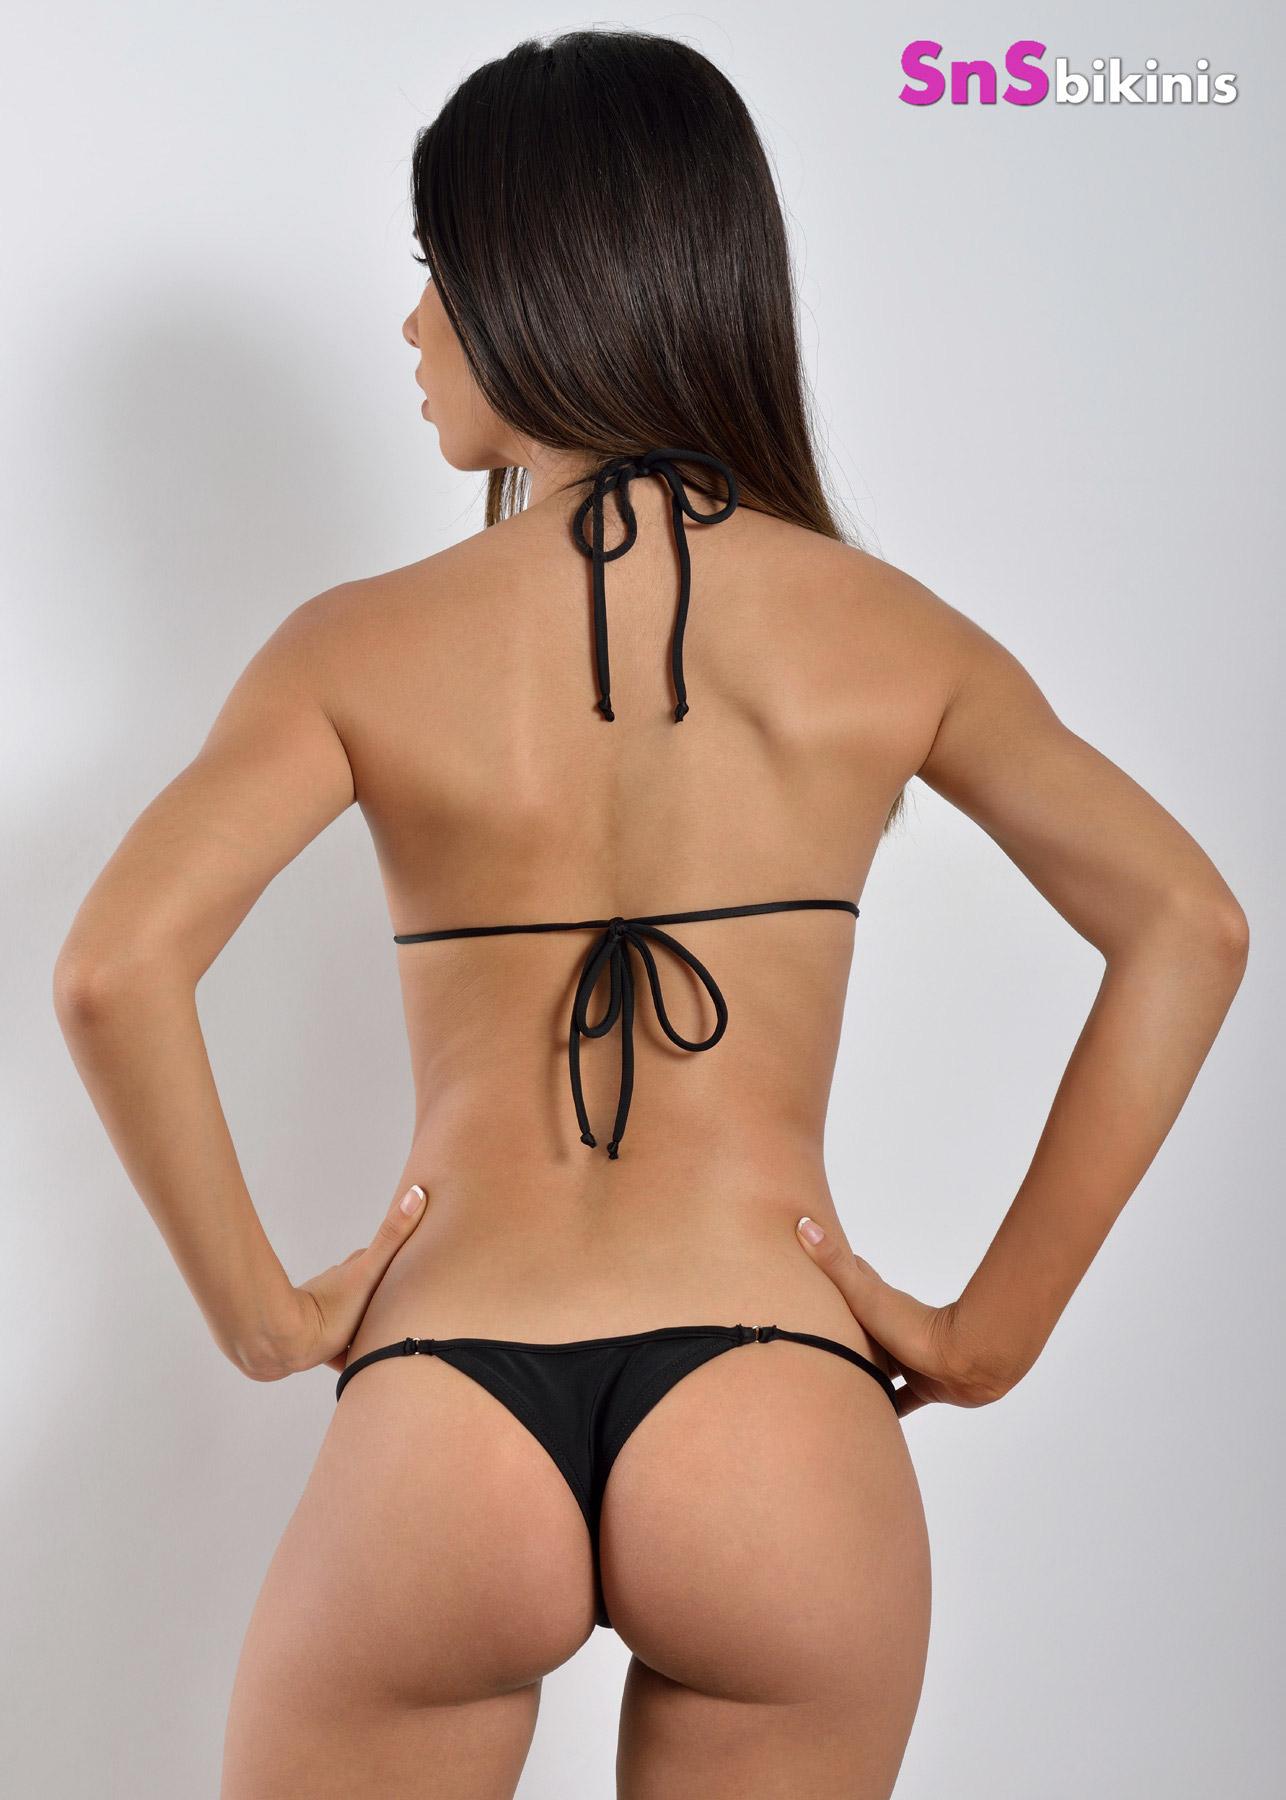 thong bikini triangle brazilian paris bikinis snsbikinis maxi lingerie swimwear mini micro string